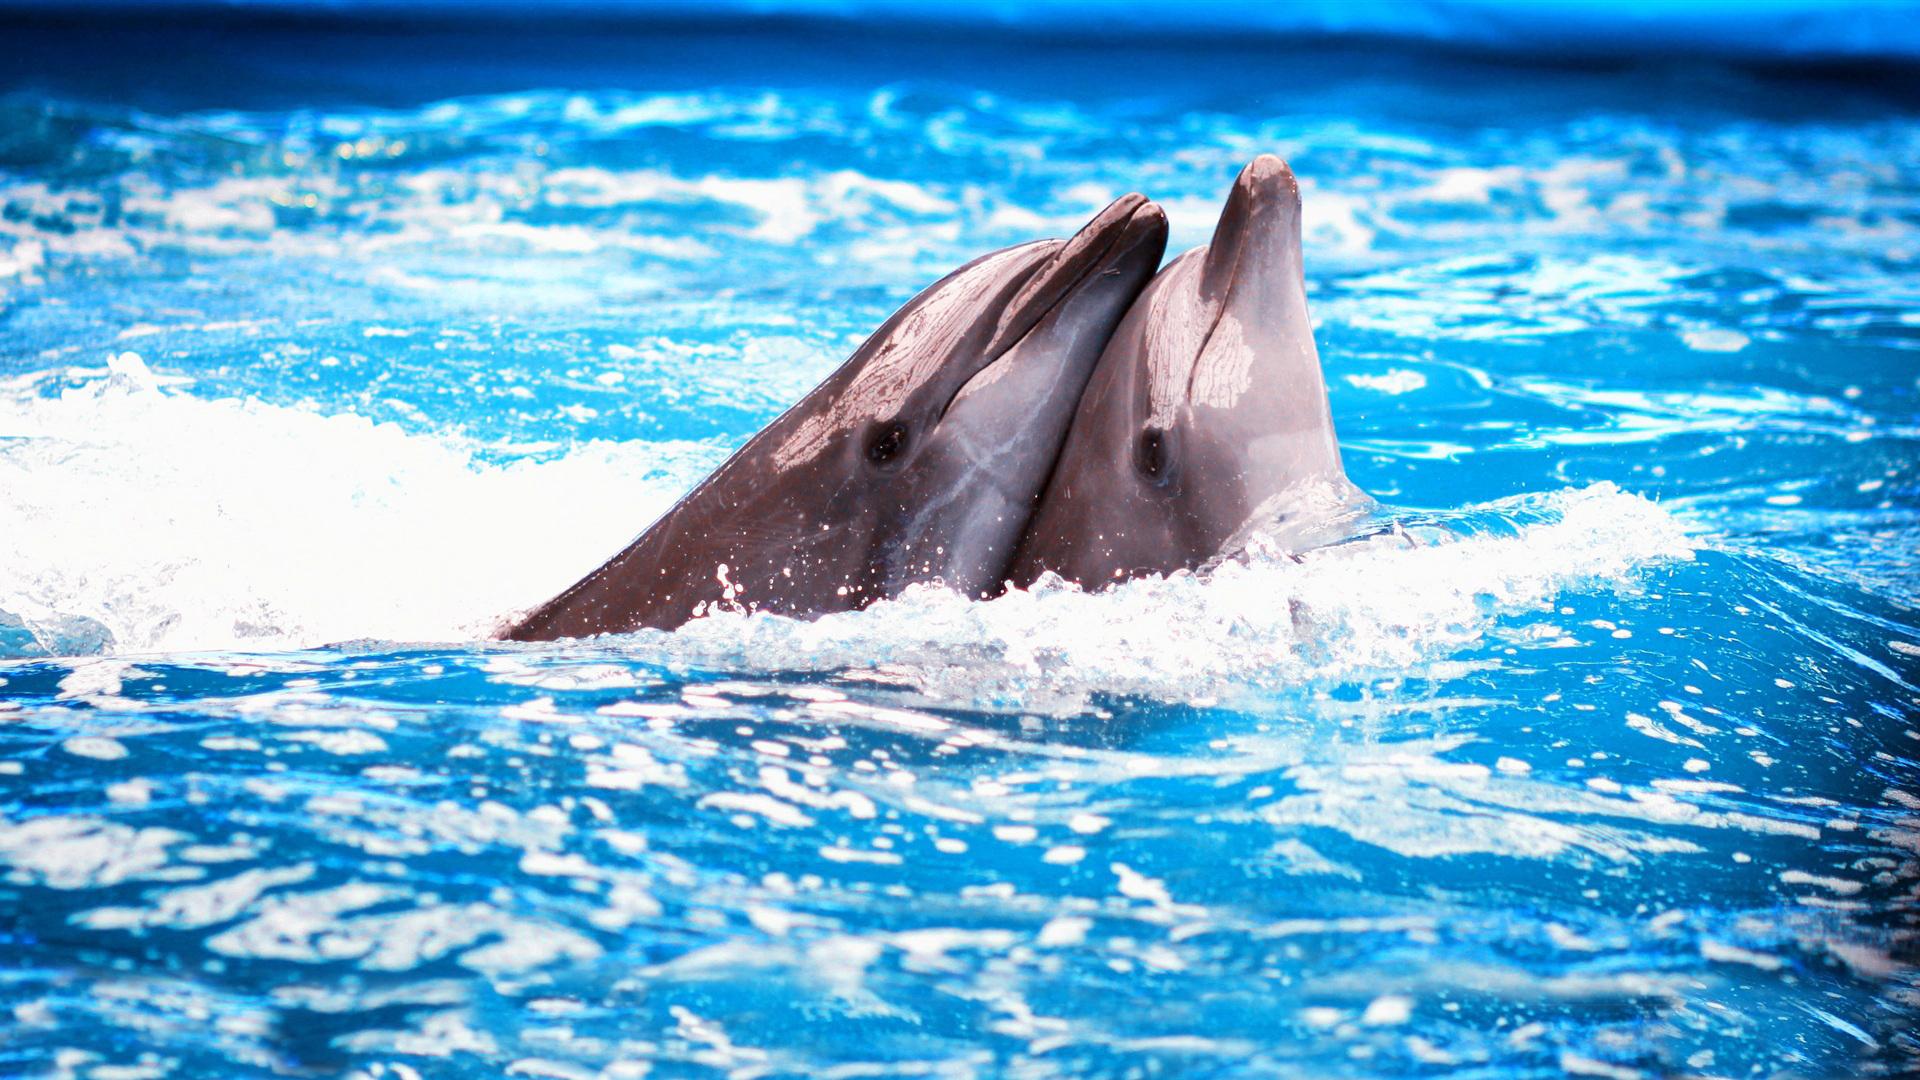 35436 Hintergrundbild herunterladen Delfine, Tiere - Bildschirmschoner und Bilder kostenlos